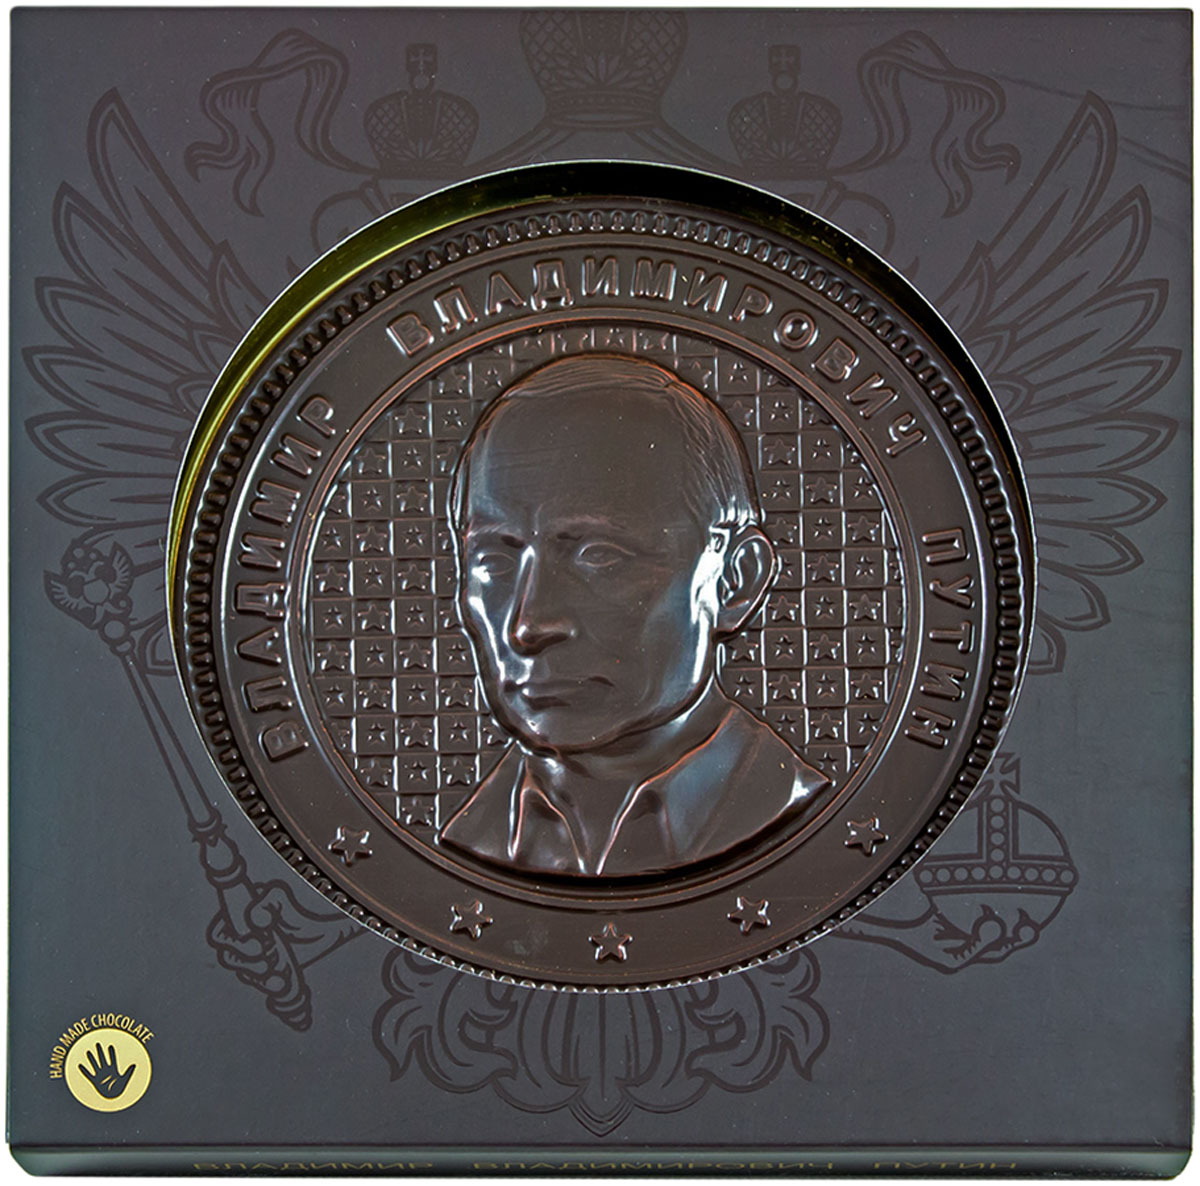 Райская птица Тёмный шоколад 71% фигурный медаль Путин В.В., 90 г райская птица тёмный шоколад 71% фигурный медаль путин в в 90 г